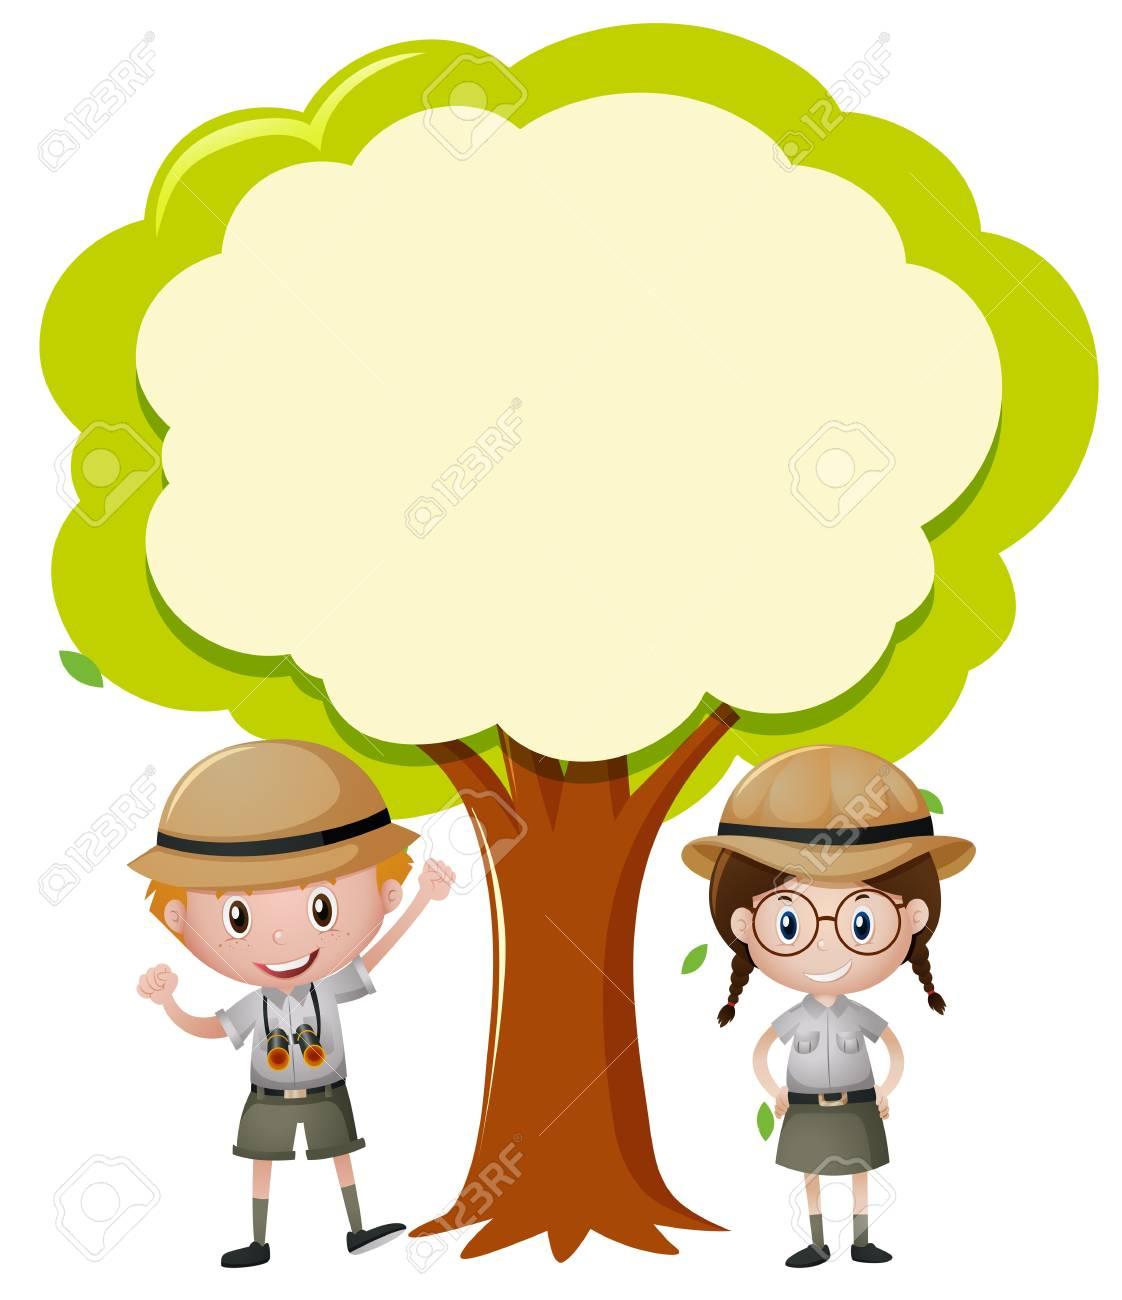 Plantilla De Borde Con Niño Y Niña Bajo La Ilustración De árbol ...